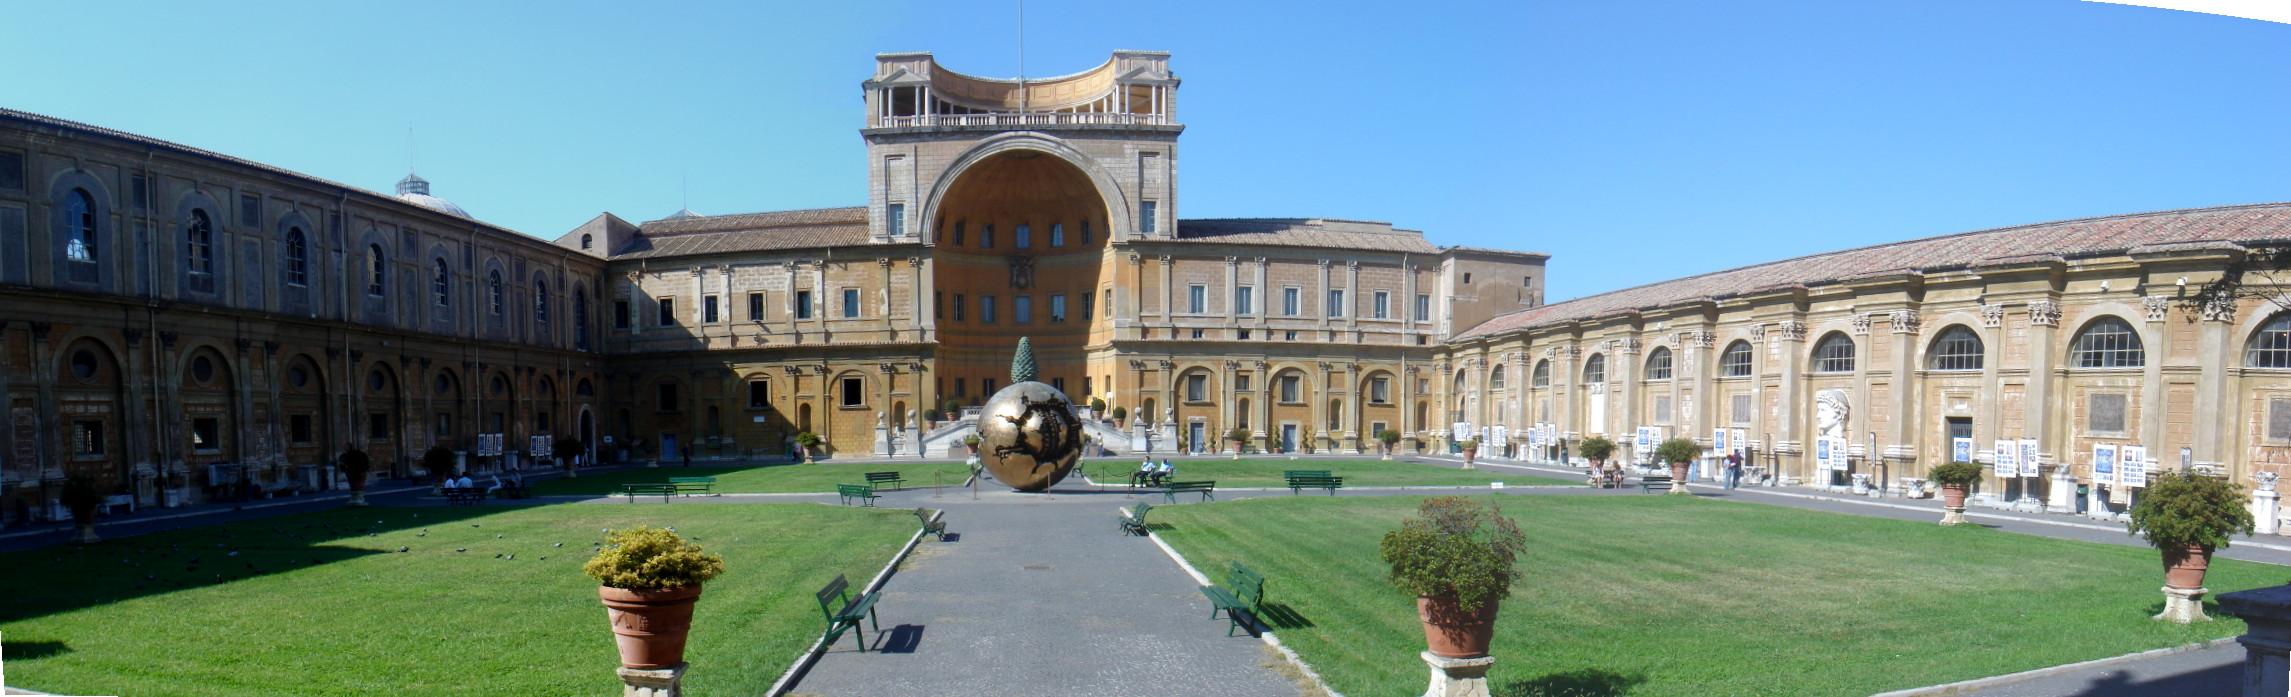 Vista del patio de la Piña, de los Museos Vaticanos.